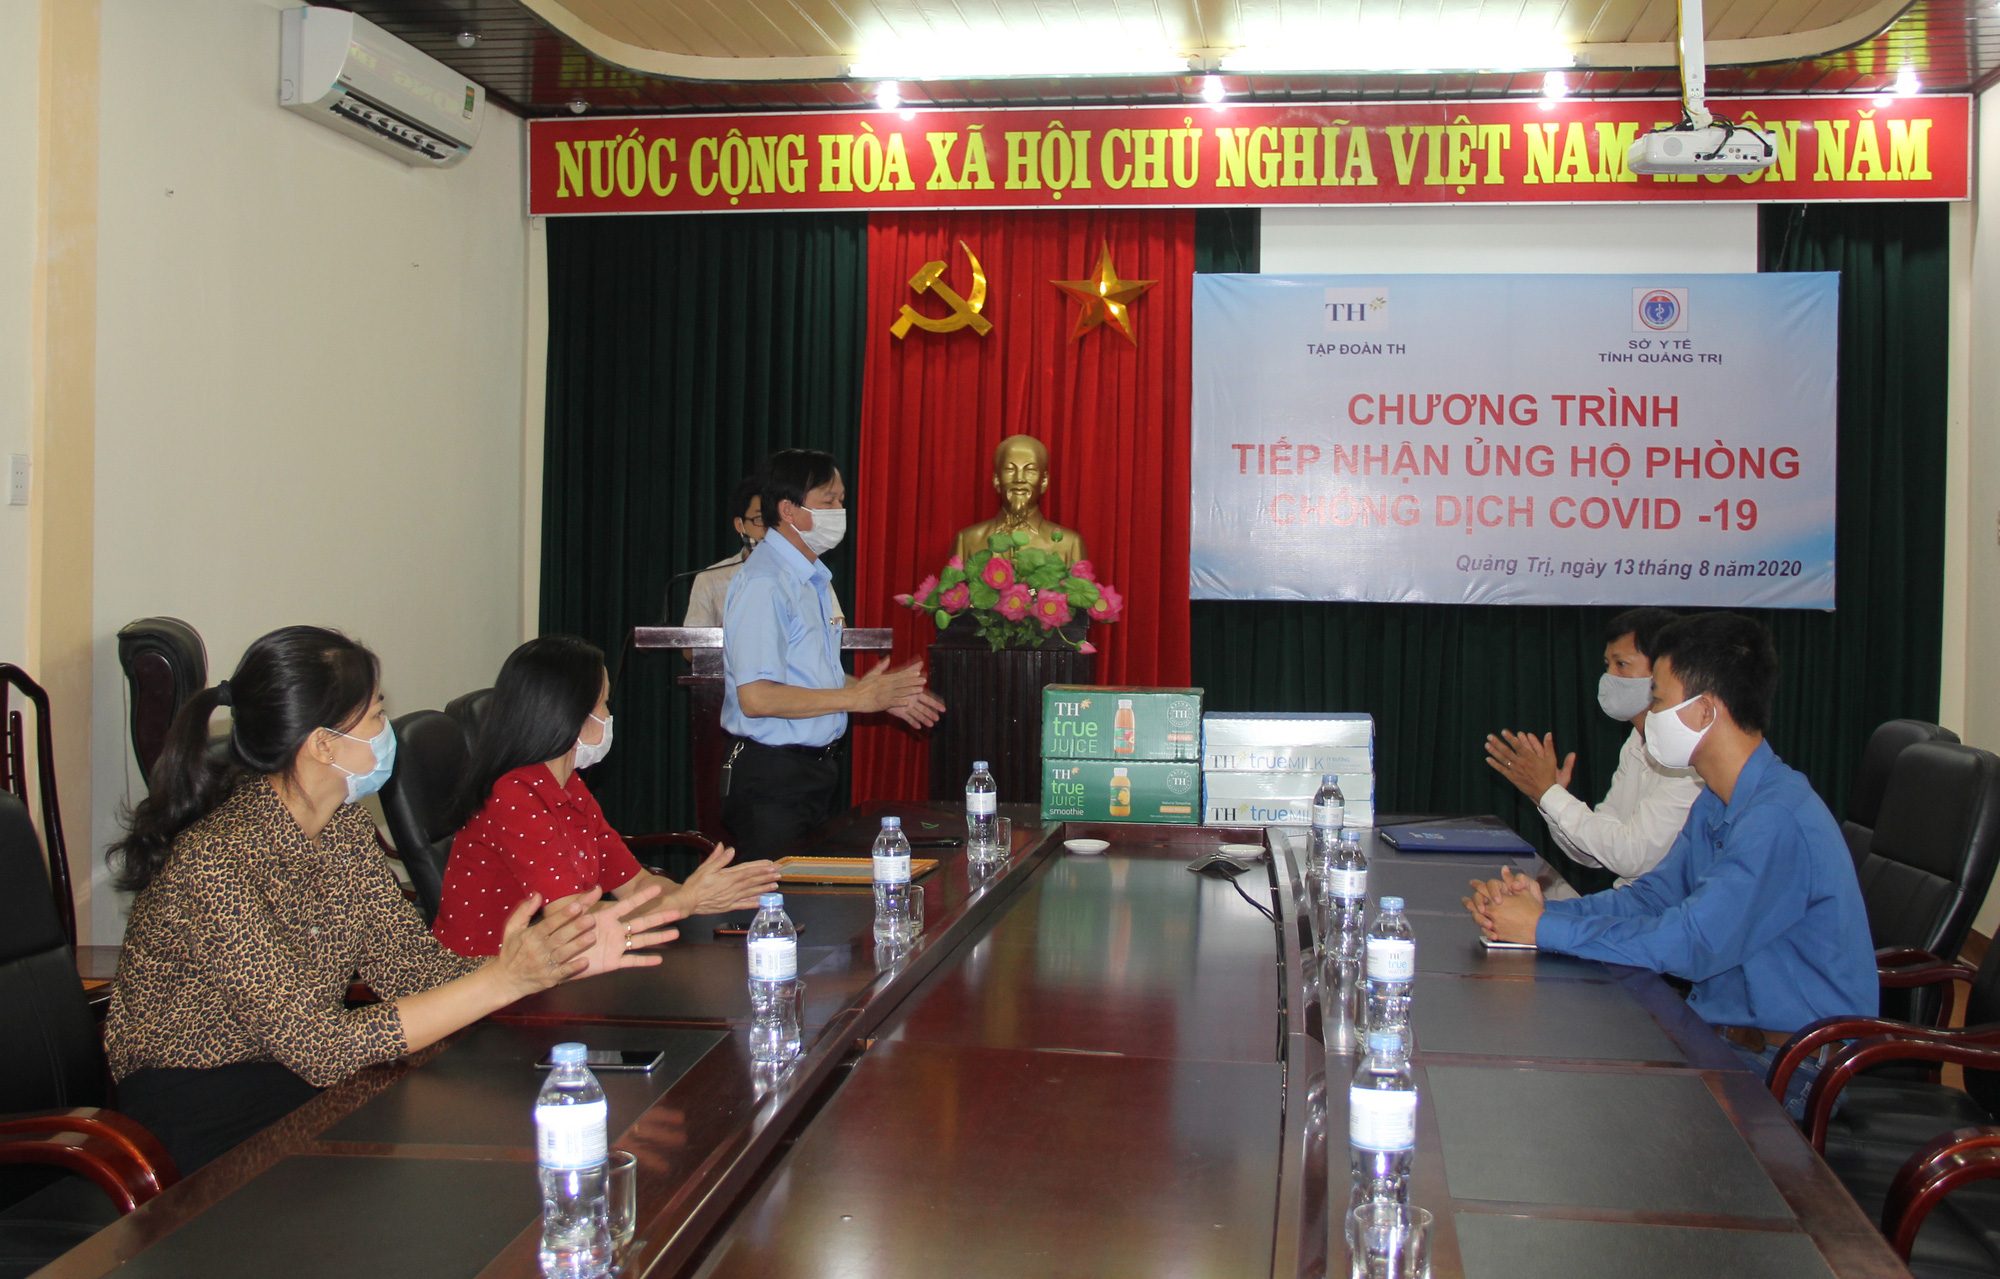 Tập đoàn TH trao tặng 12.500 sản phẩm sữa tươi hỗ trợ tỉnh Quảng Trị phòng, chống dịch Covid-19 - Ảnh 1.